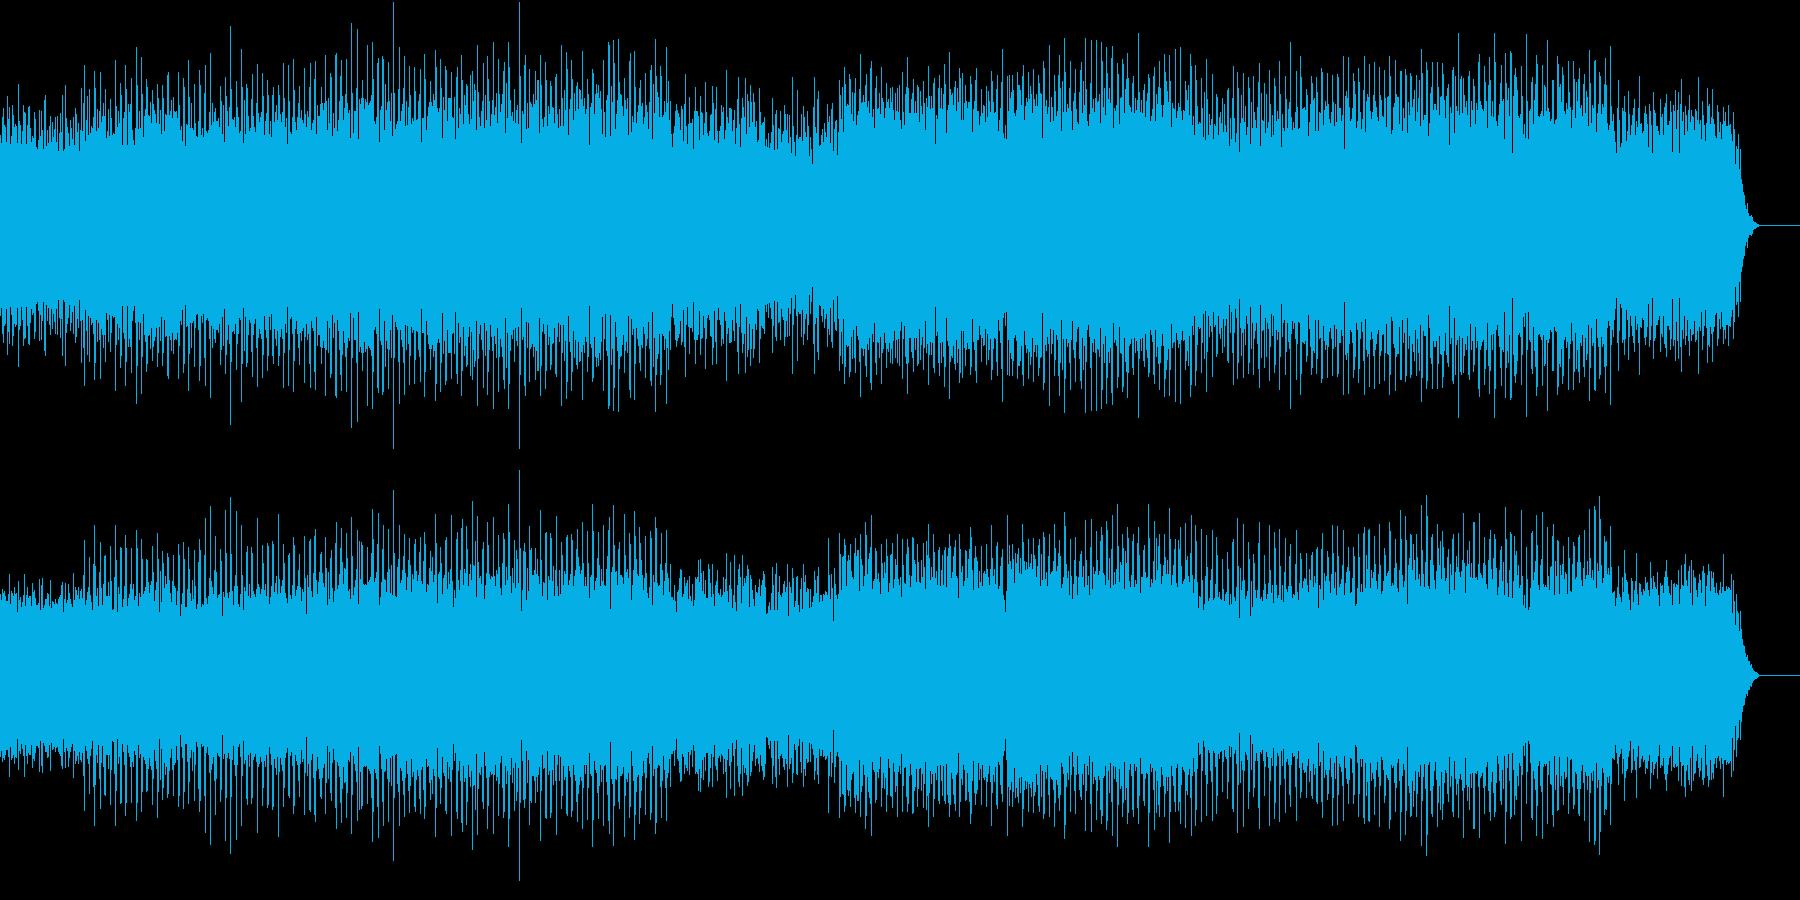 モダンなピアノ打ち込みトラックの再生済みの波形